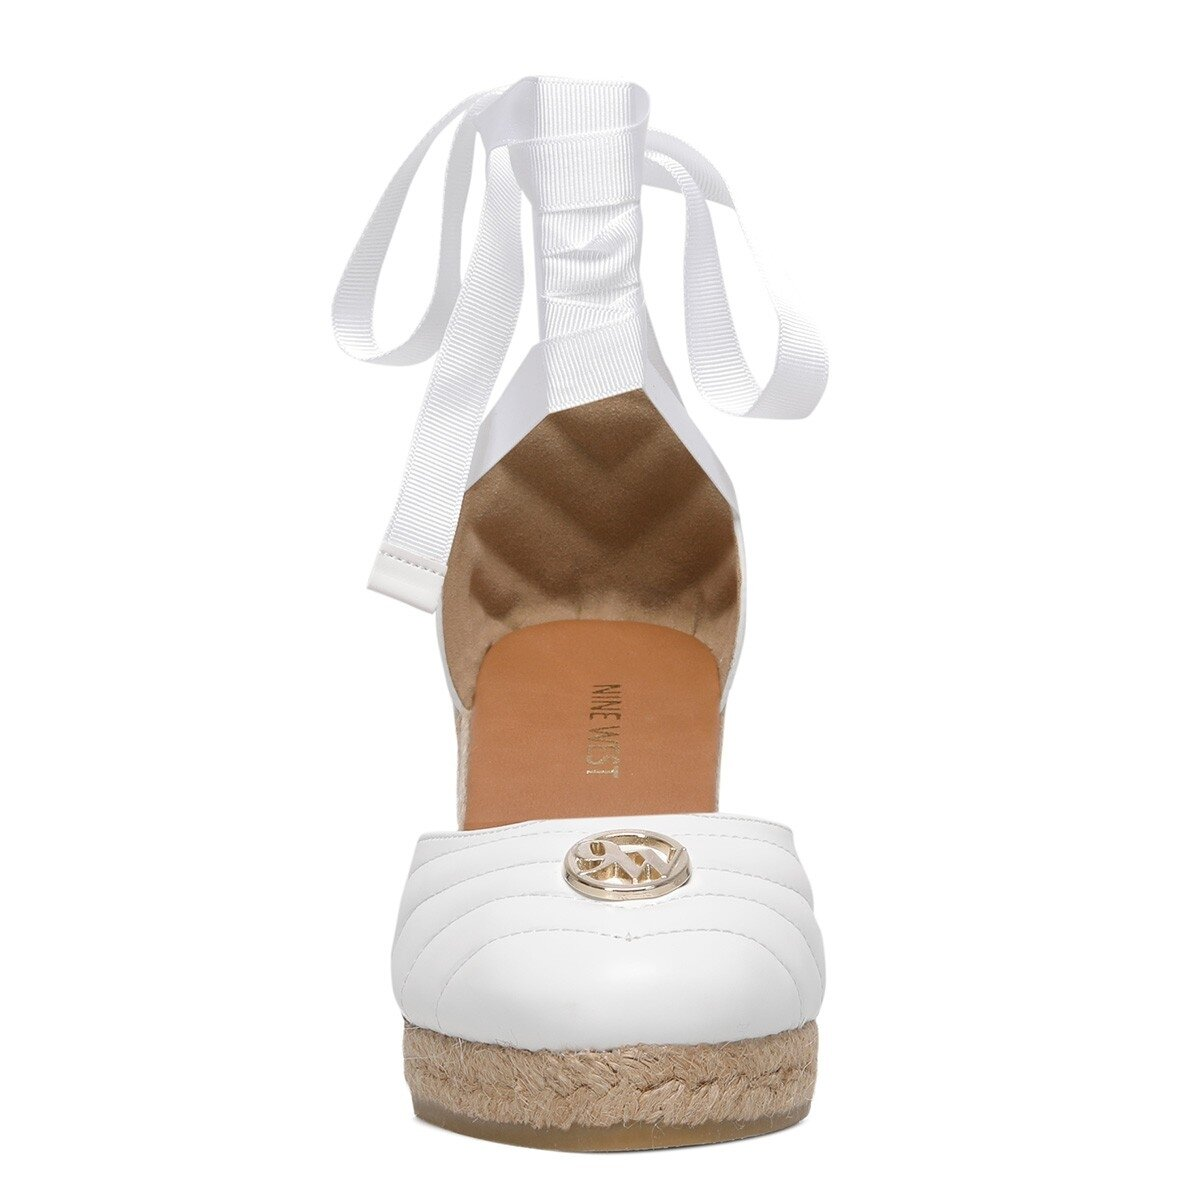 MIROSLOVA 1FX Beyaz Kadın Espadril Ayakkabı